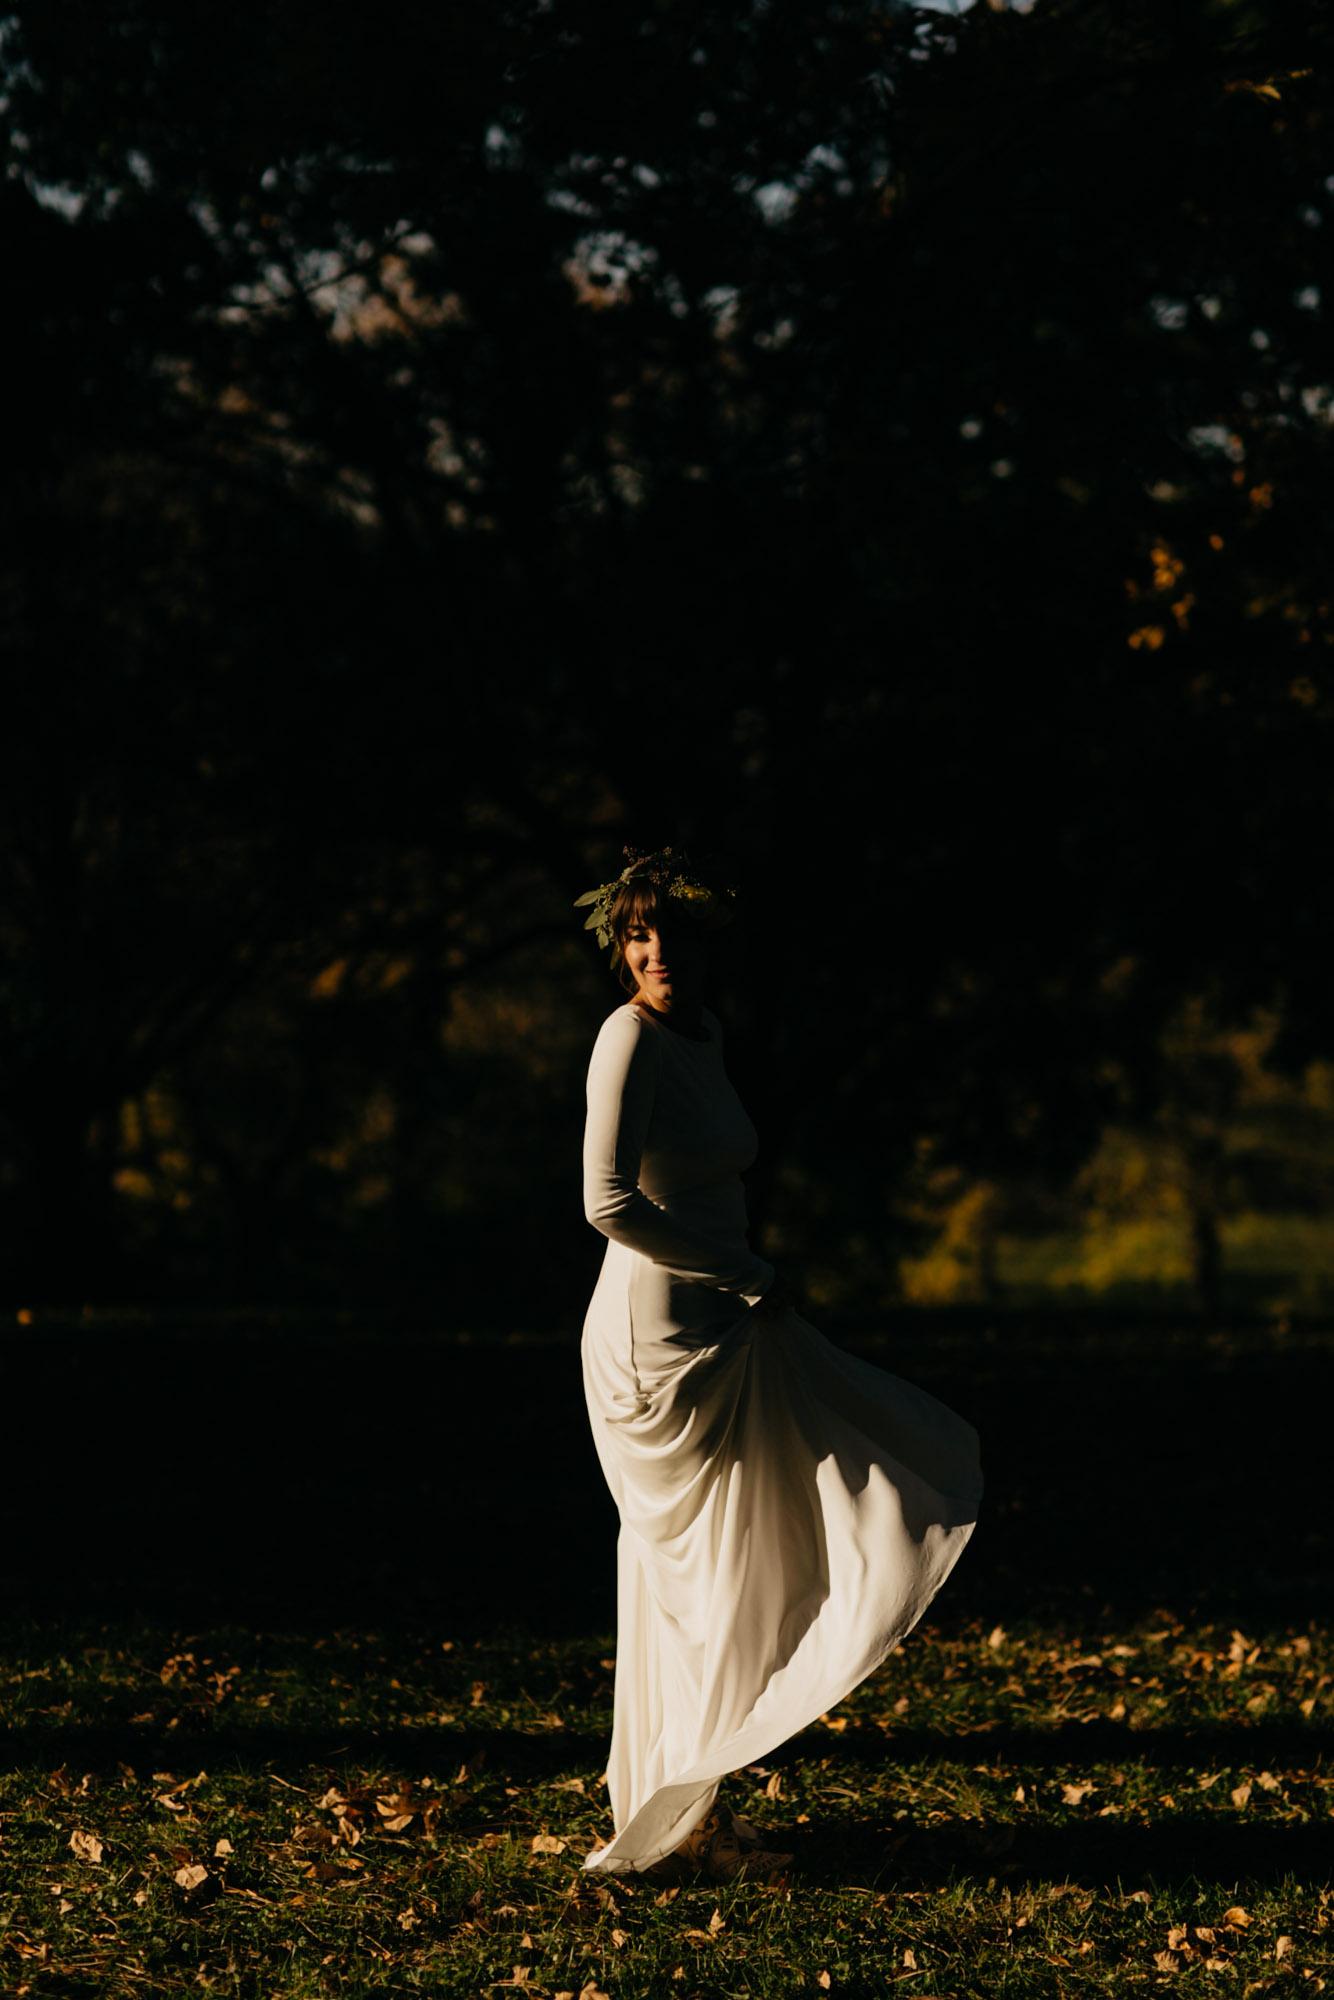 omaha-elopement-photographer-31.jpg